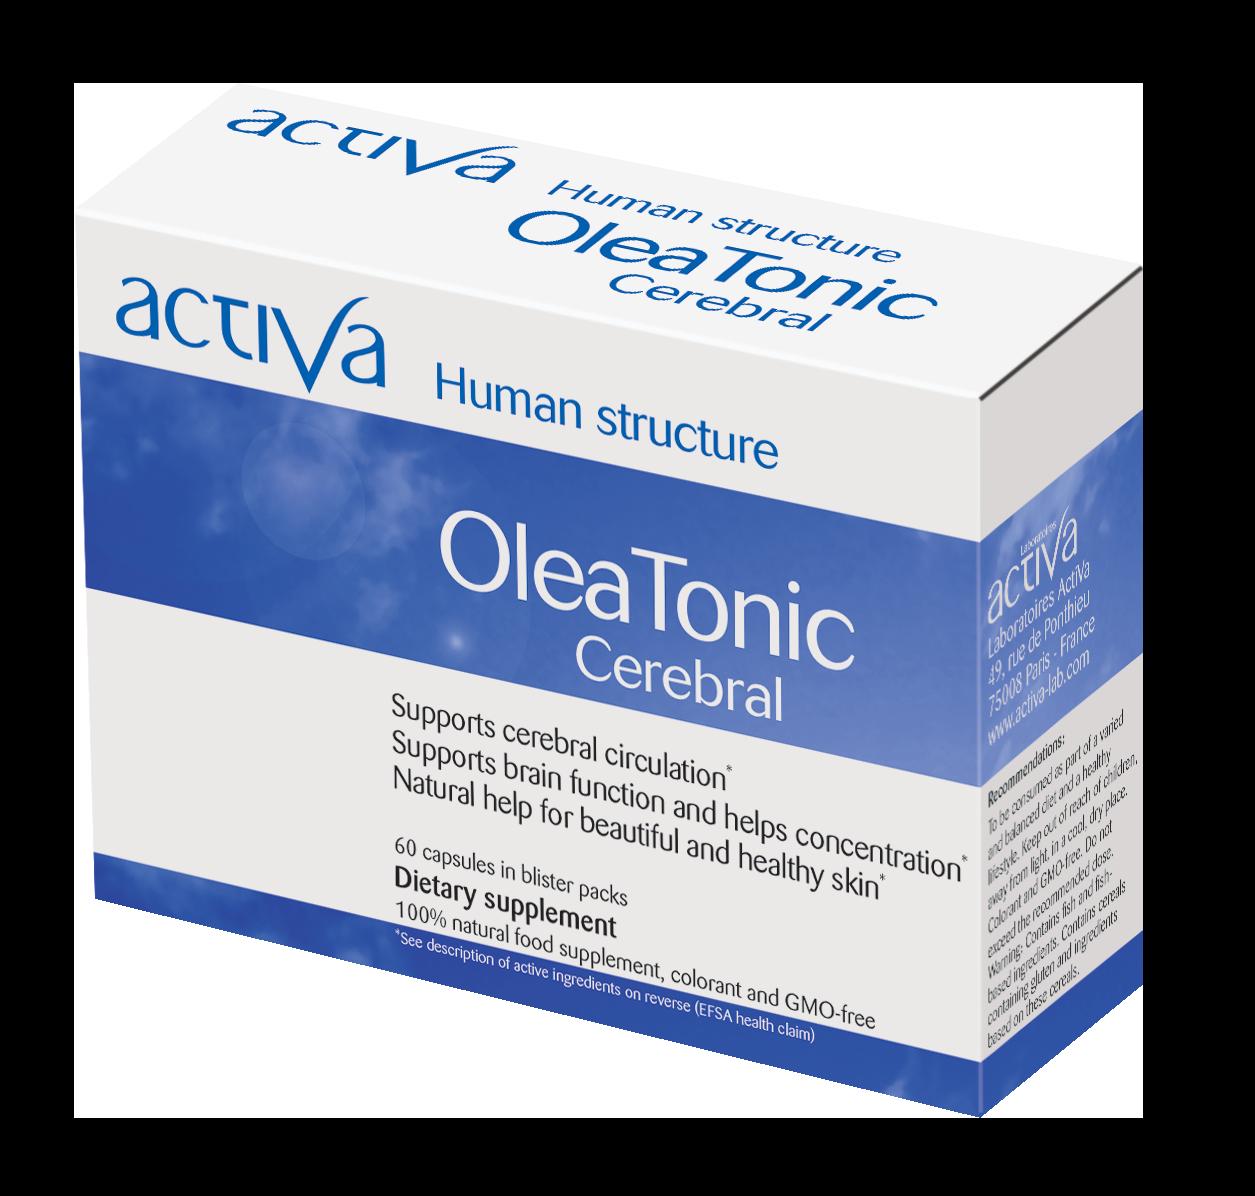 Oleatonic